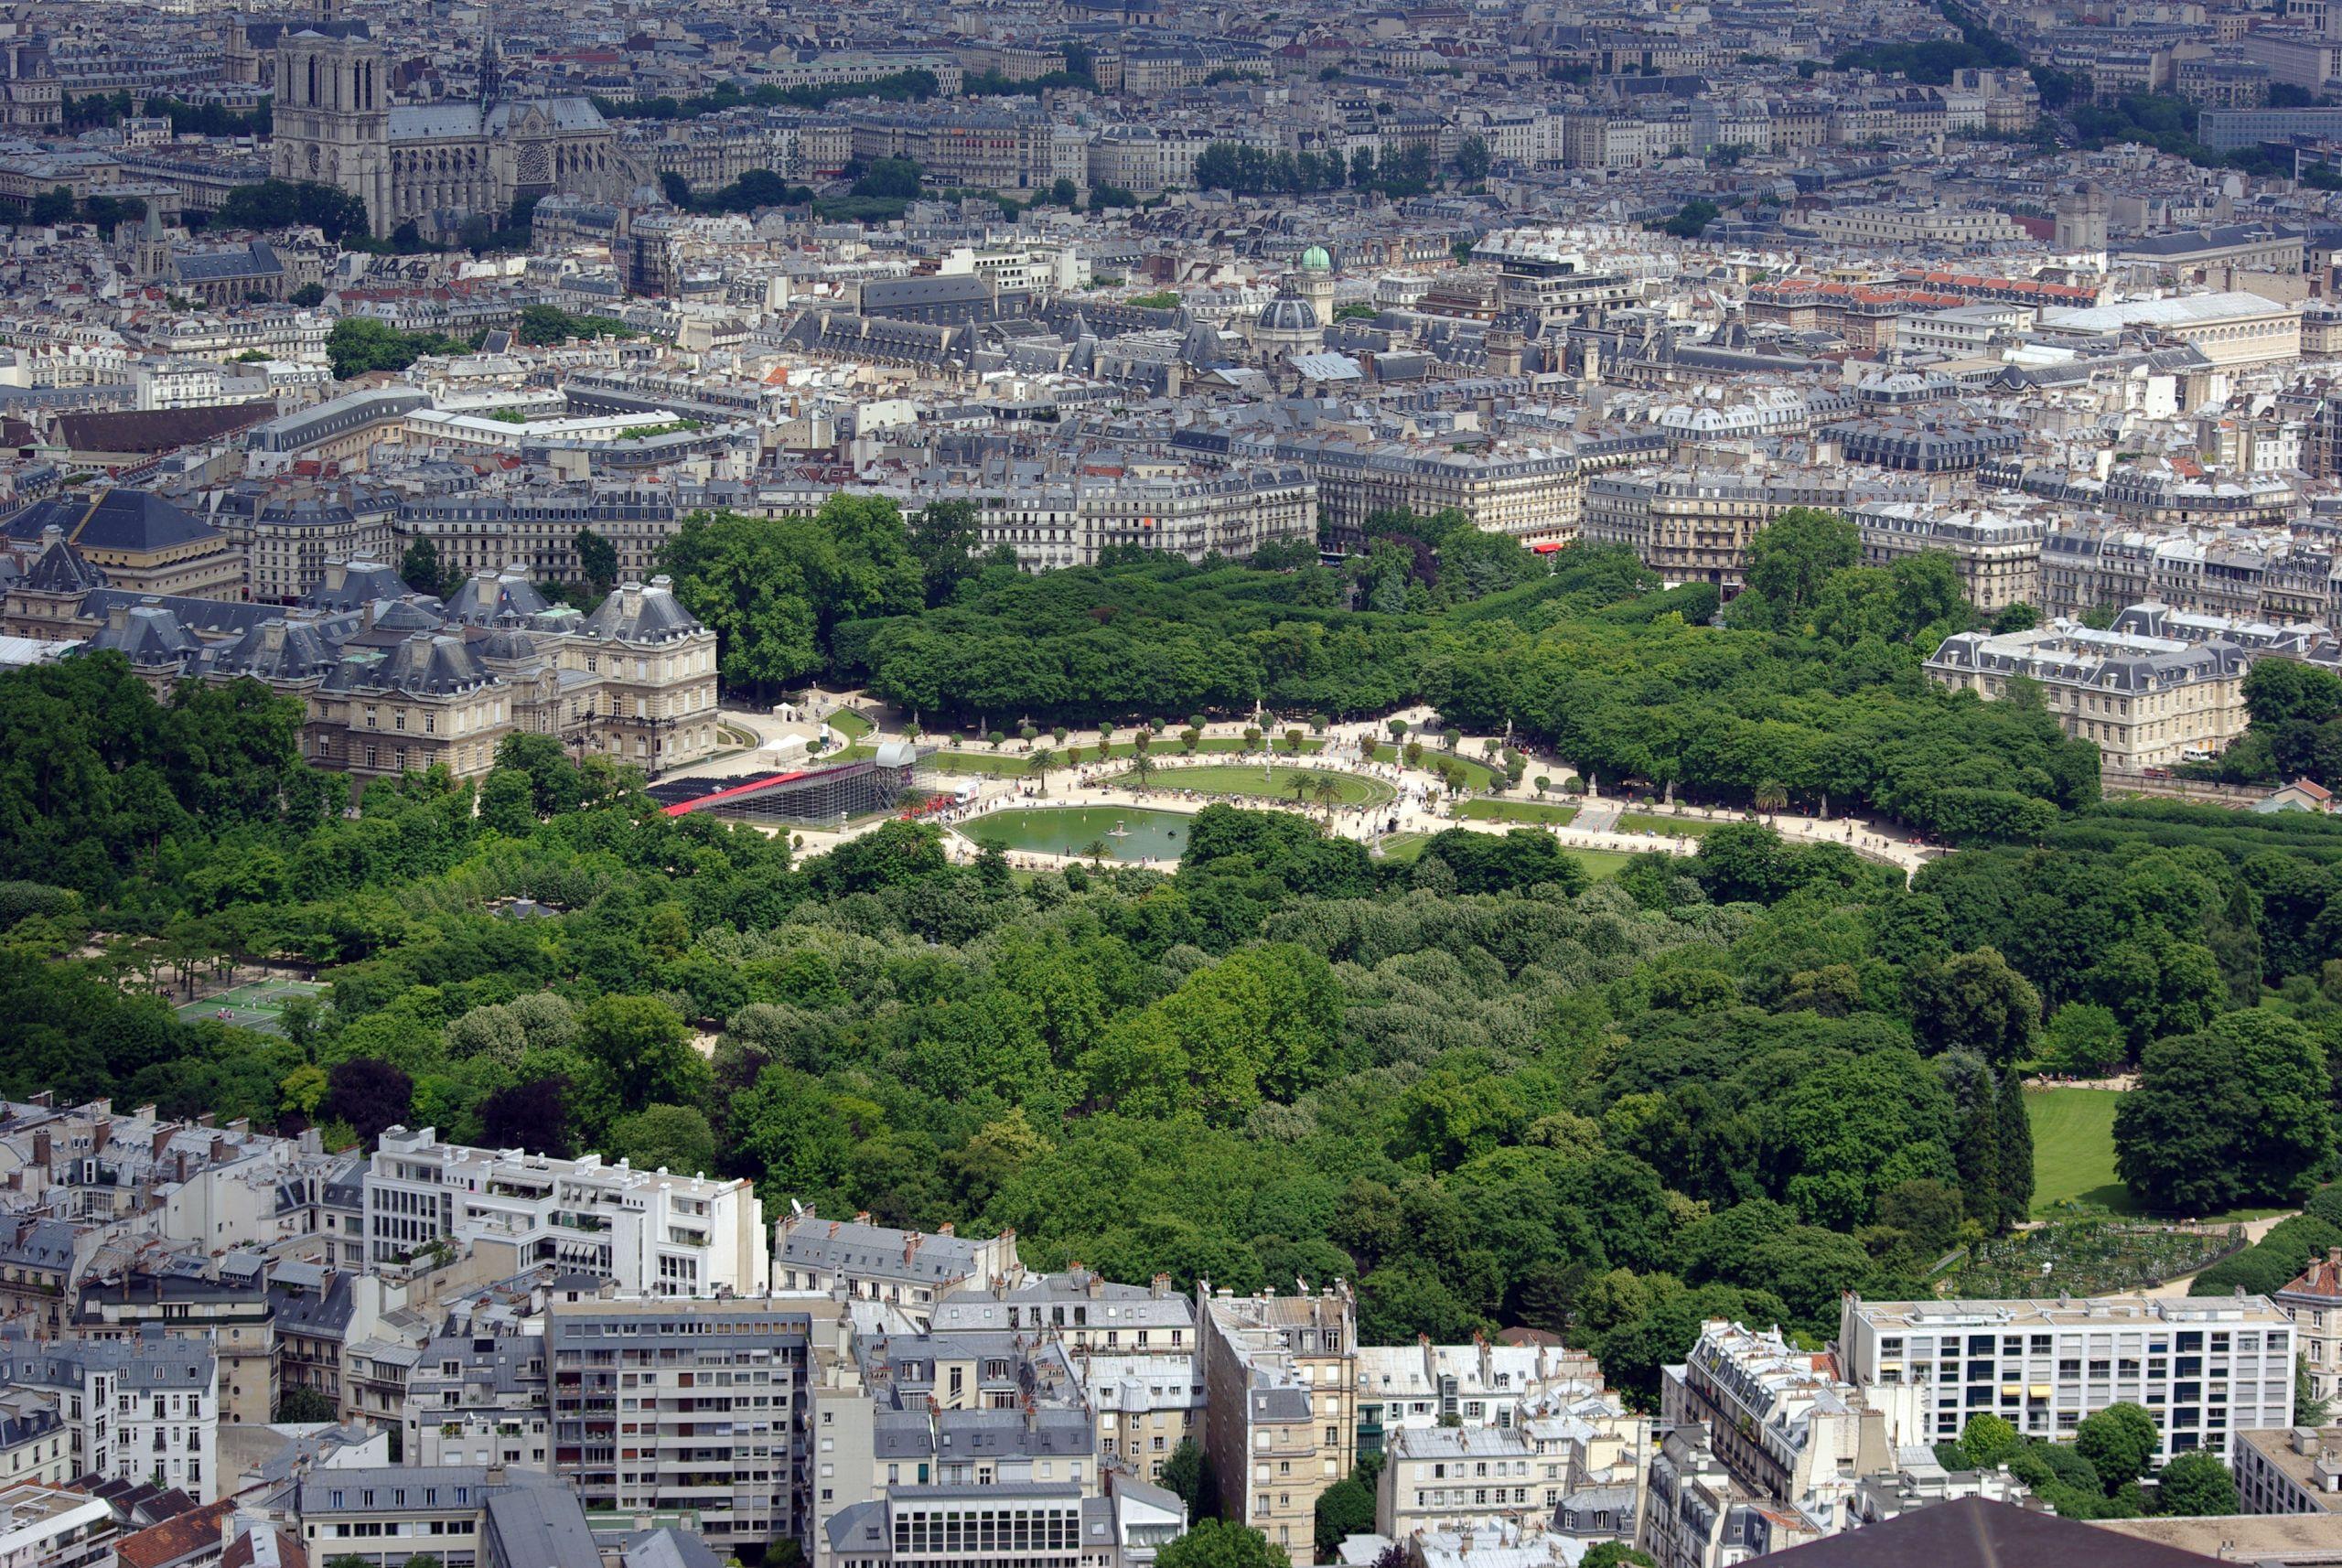 Decorer son Jardin Avec Des Pierres Frais Jardin Du Luxembourg — Wikipédia